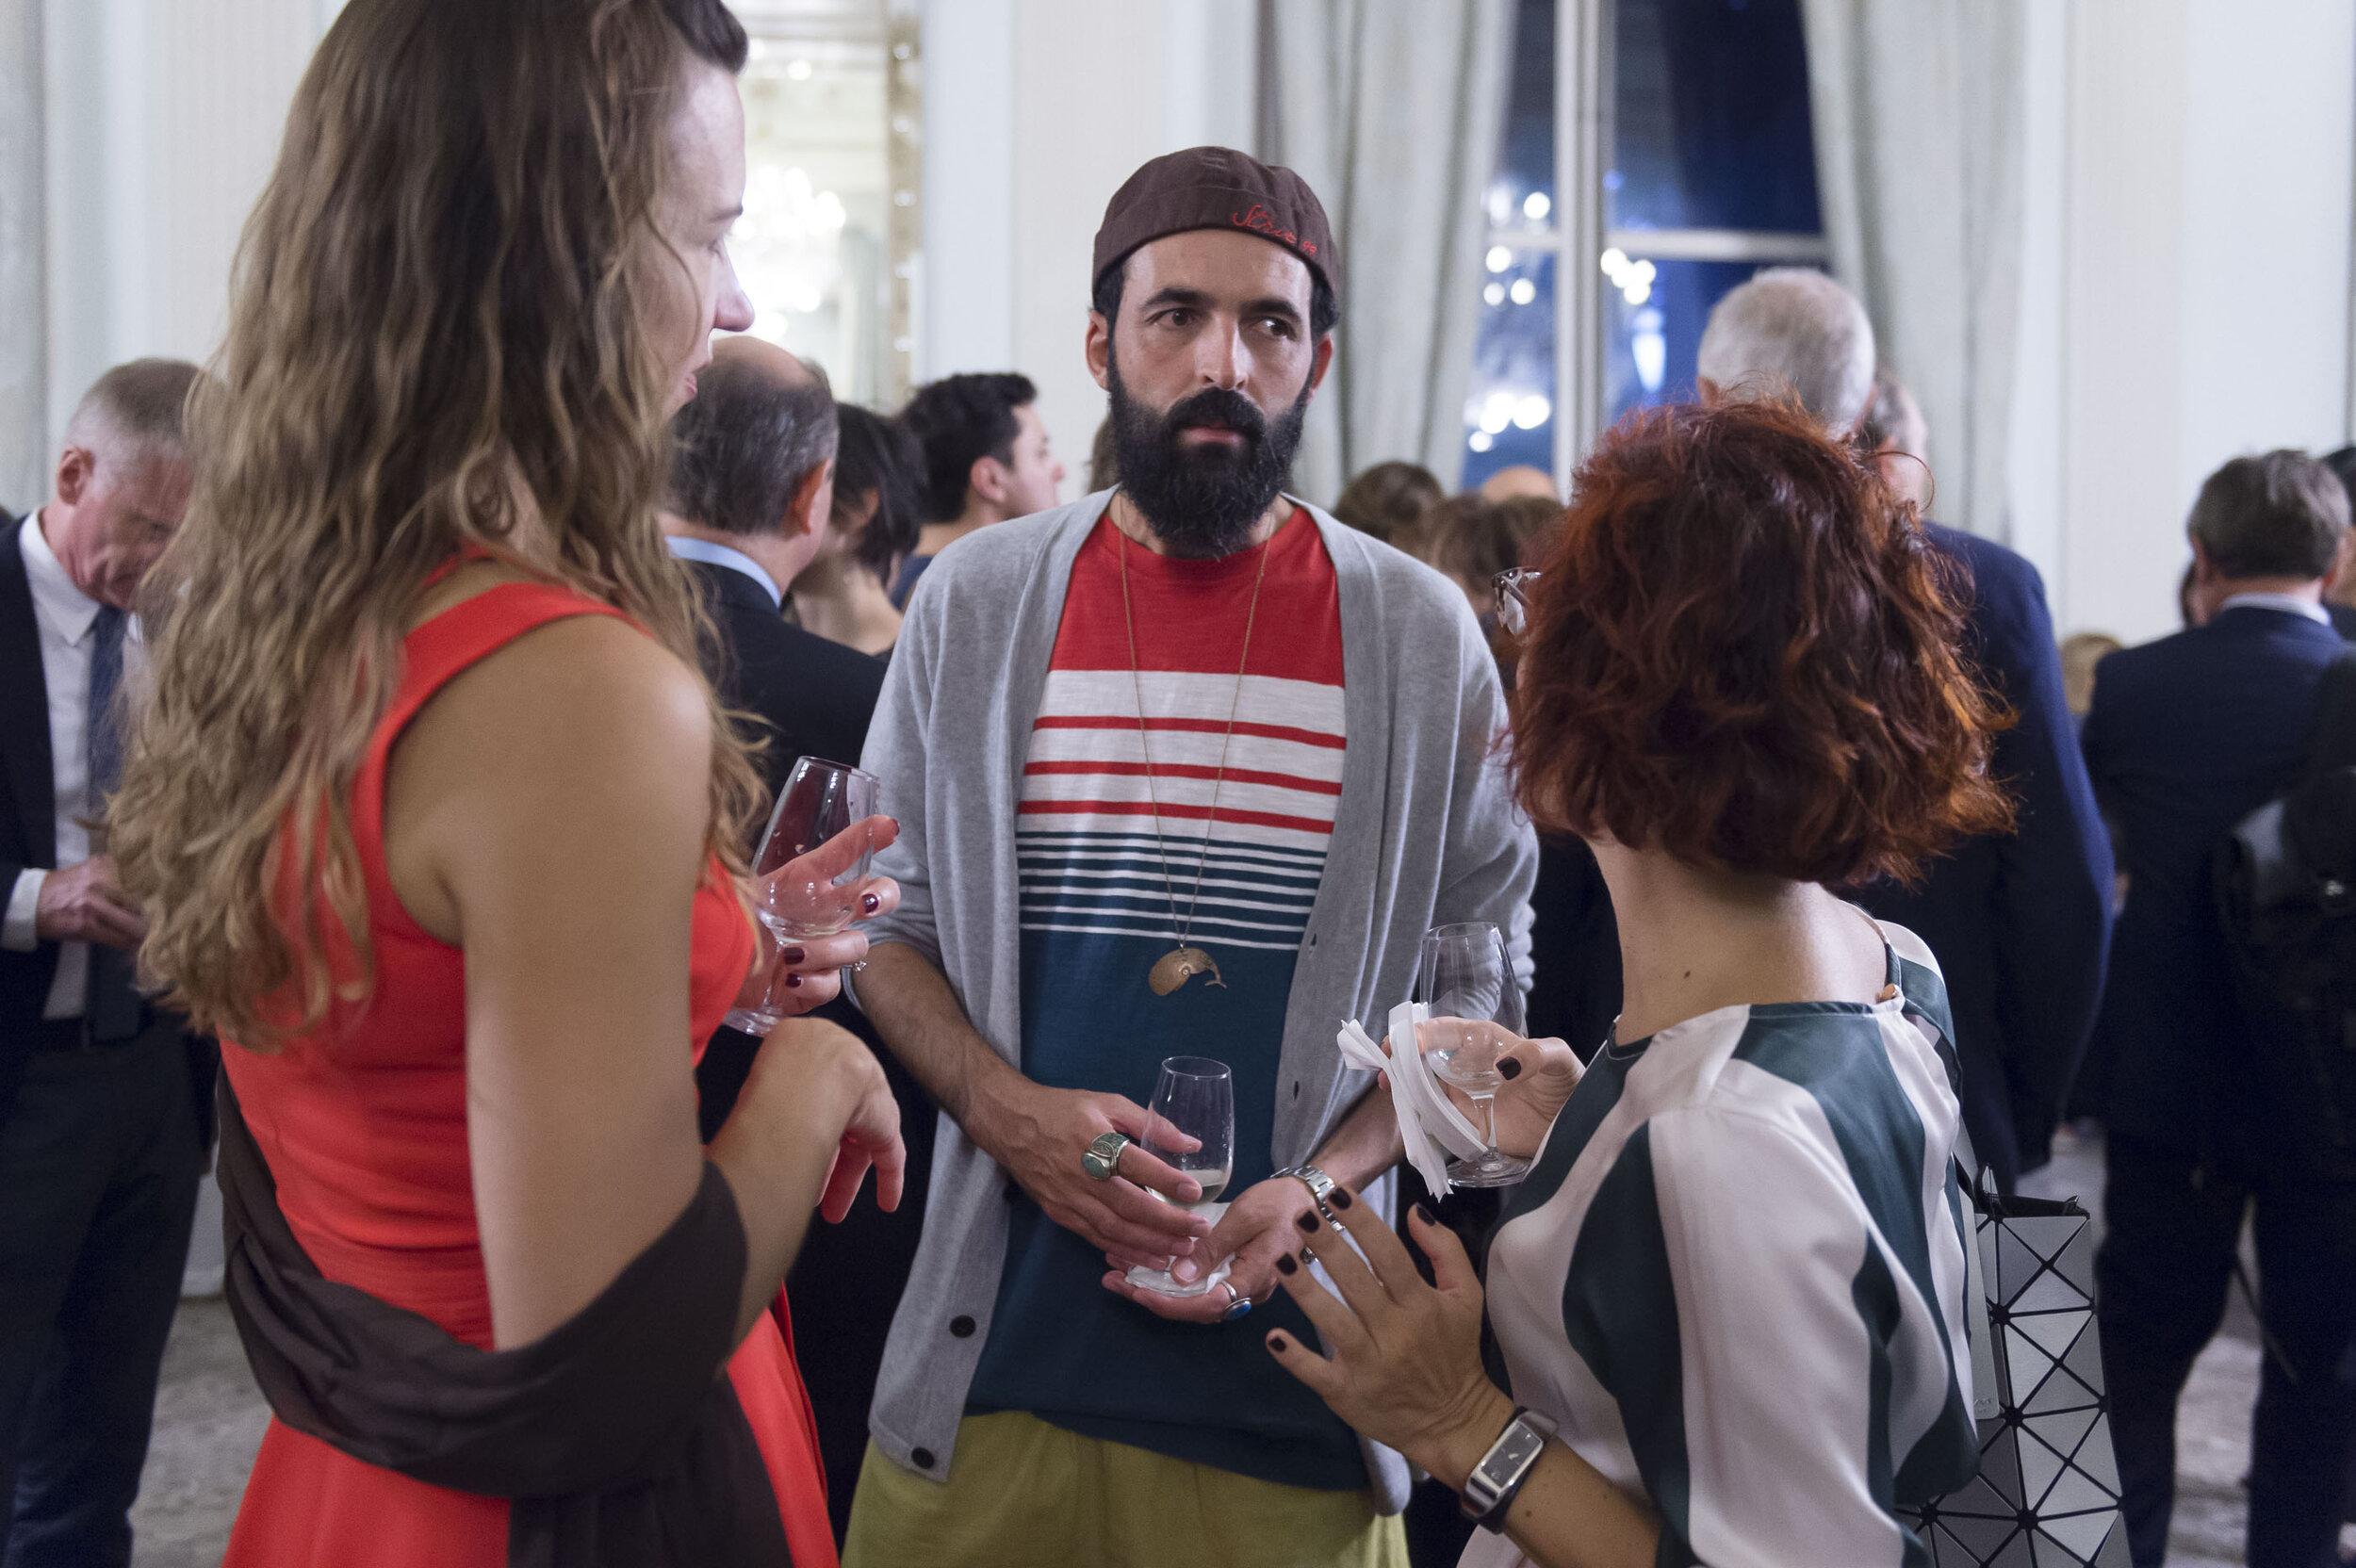 Artecinema 2019_ph Francesco Squeglia_8539.jpg